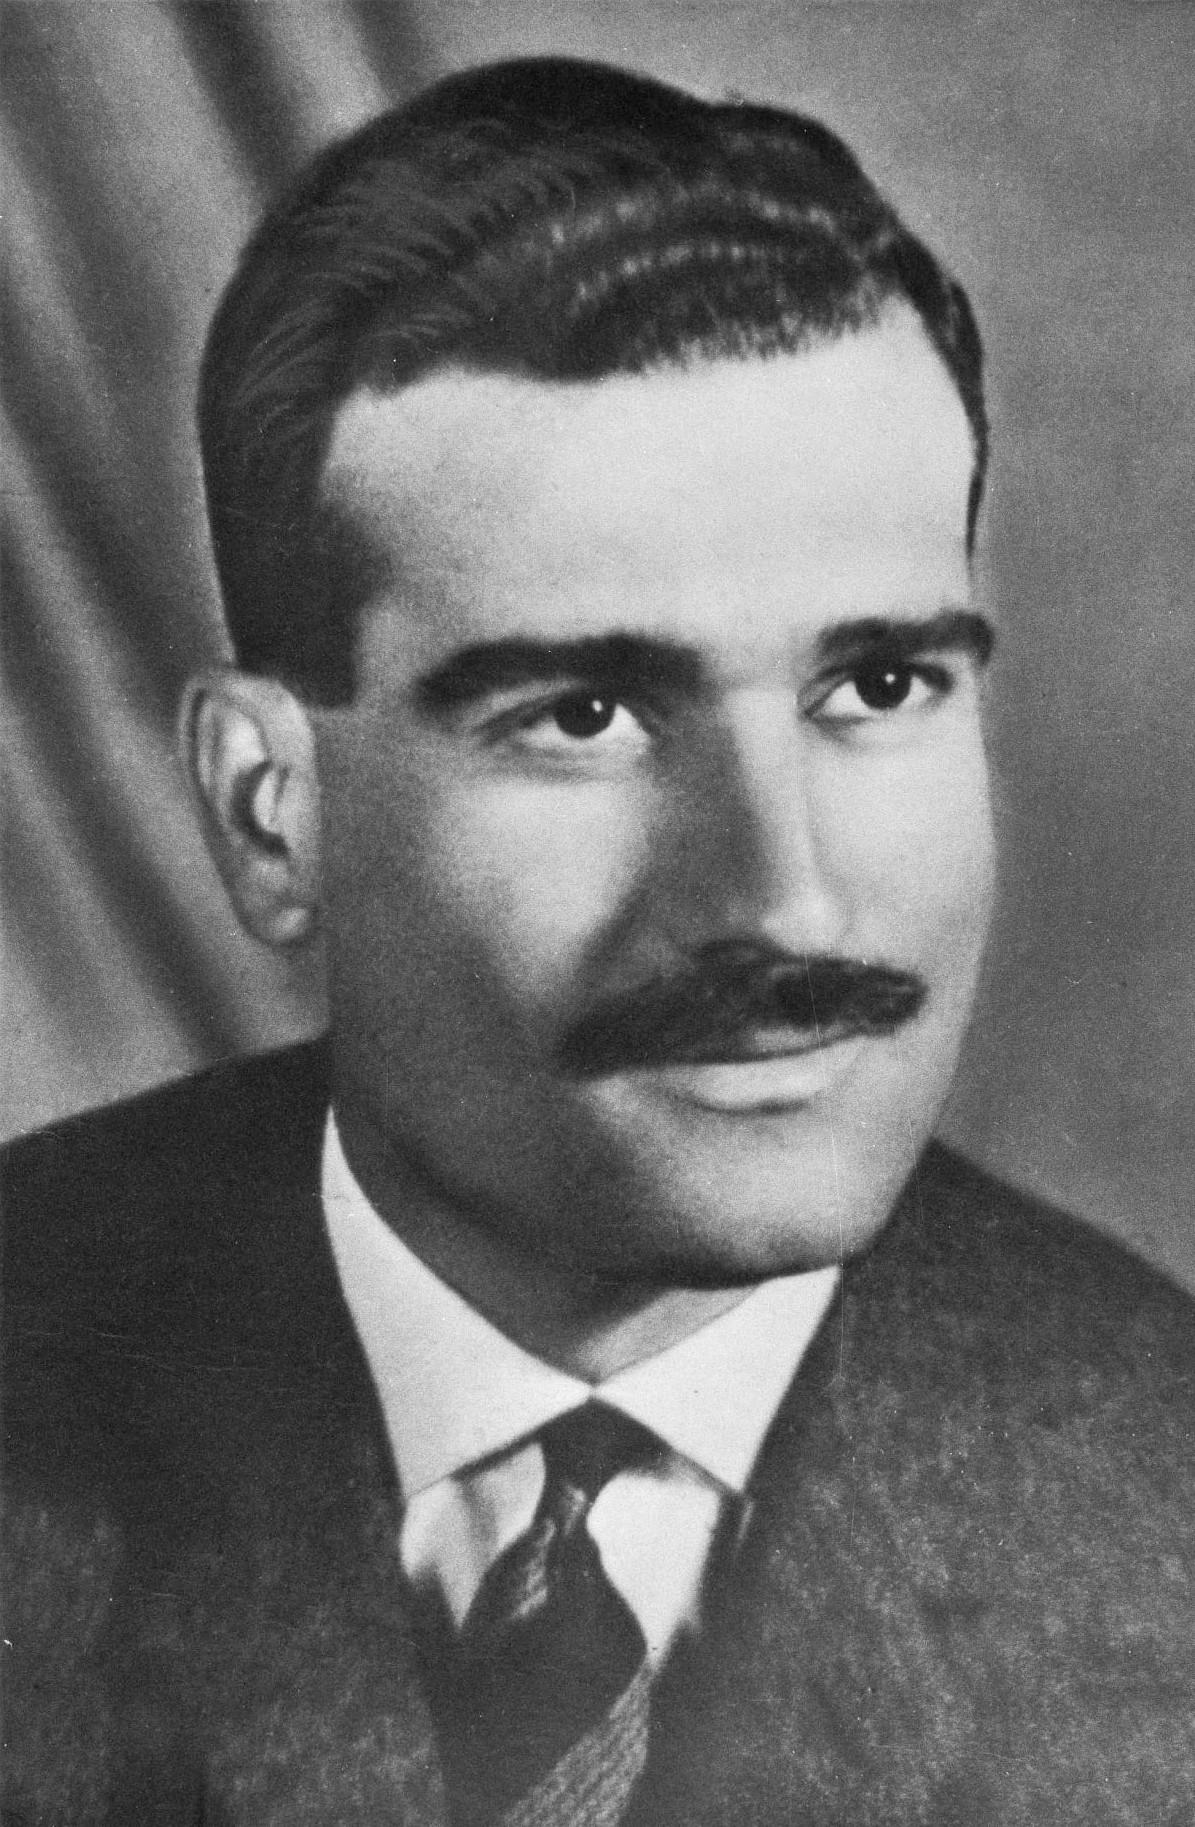 الصفعة الإسرائيلية قبل حرب 1967: «كوهين» عين الموساد في دمشق EliCohen